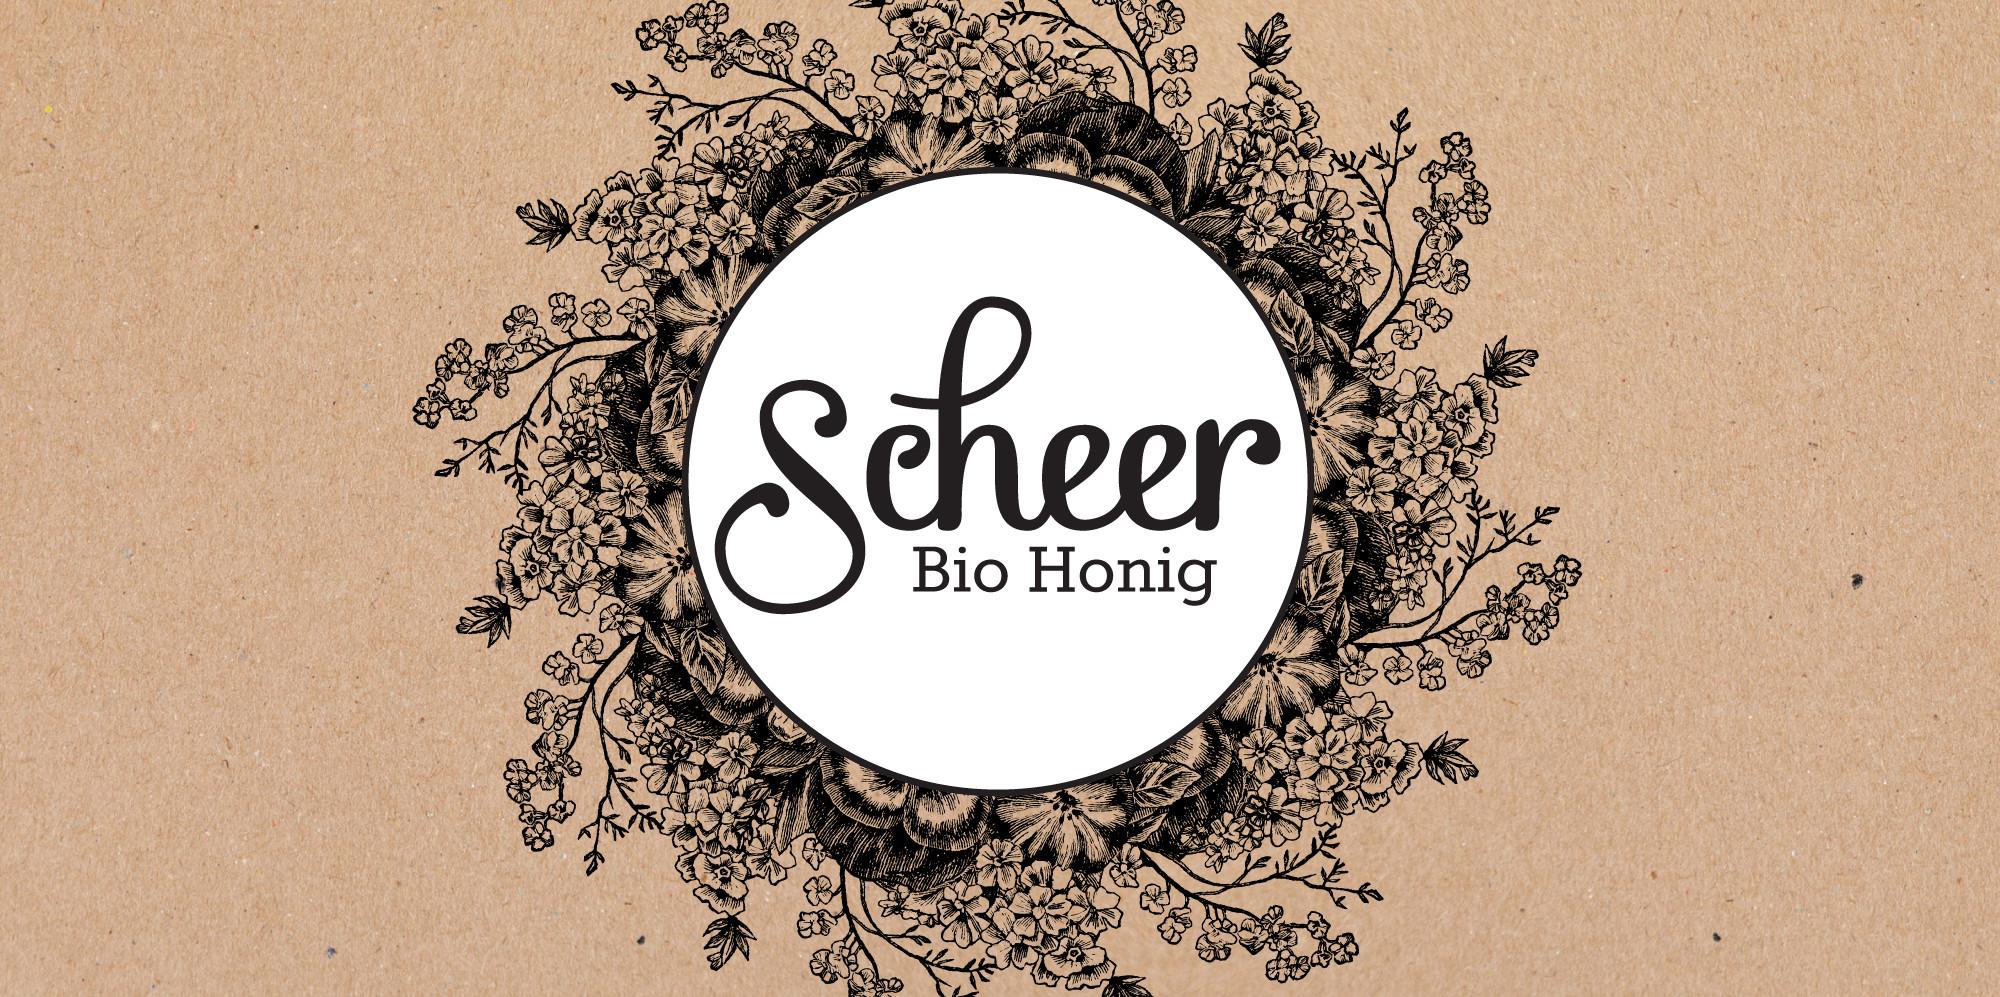 scheer_honig_webbanner_04_skaliert